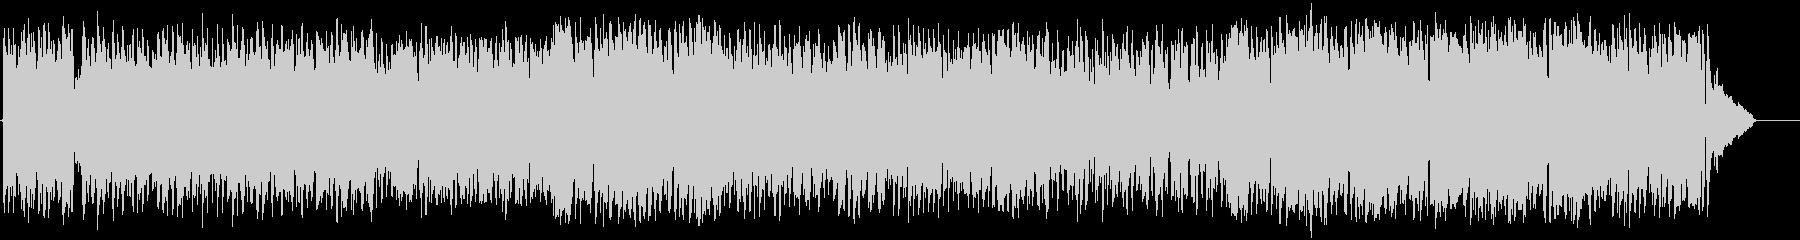 懐しいビッグバンドジャズ(フルサイズ)の未再生の波形